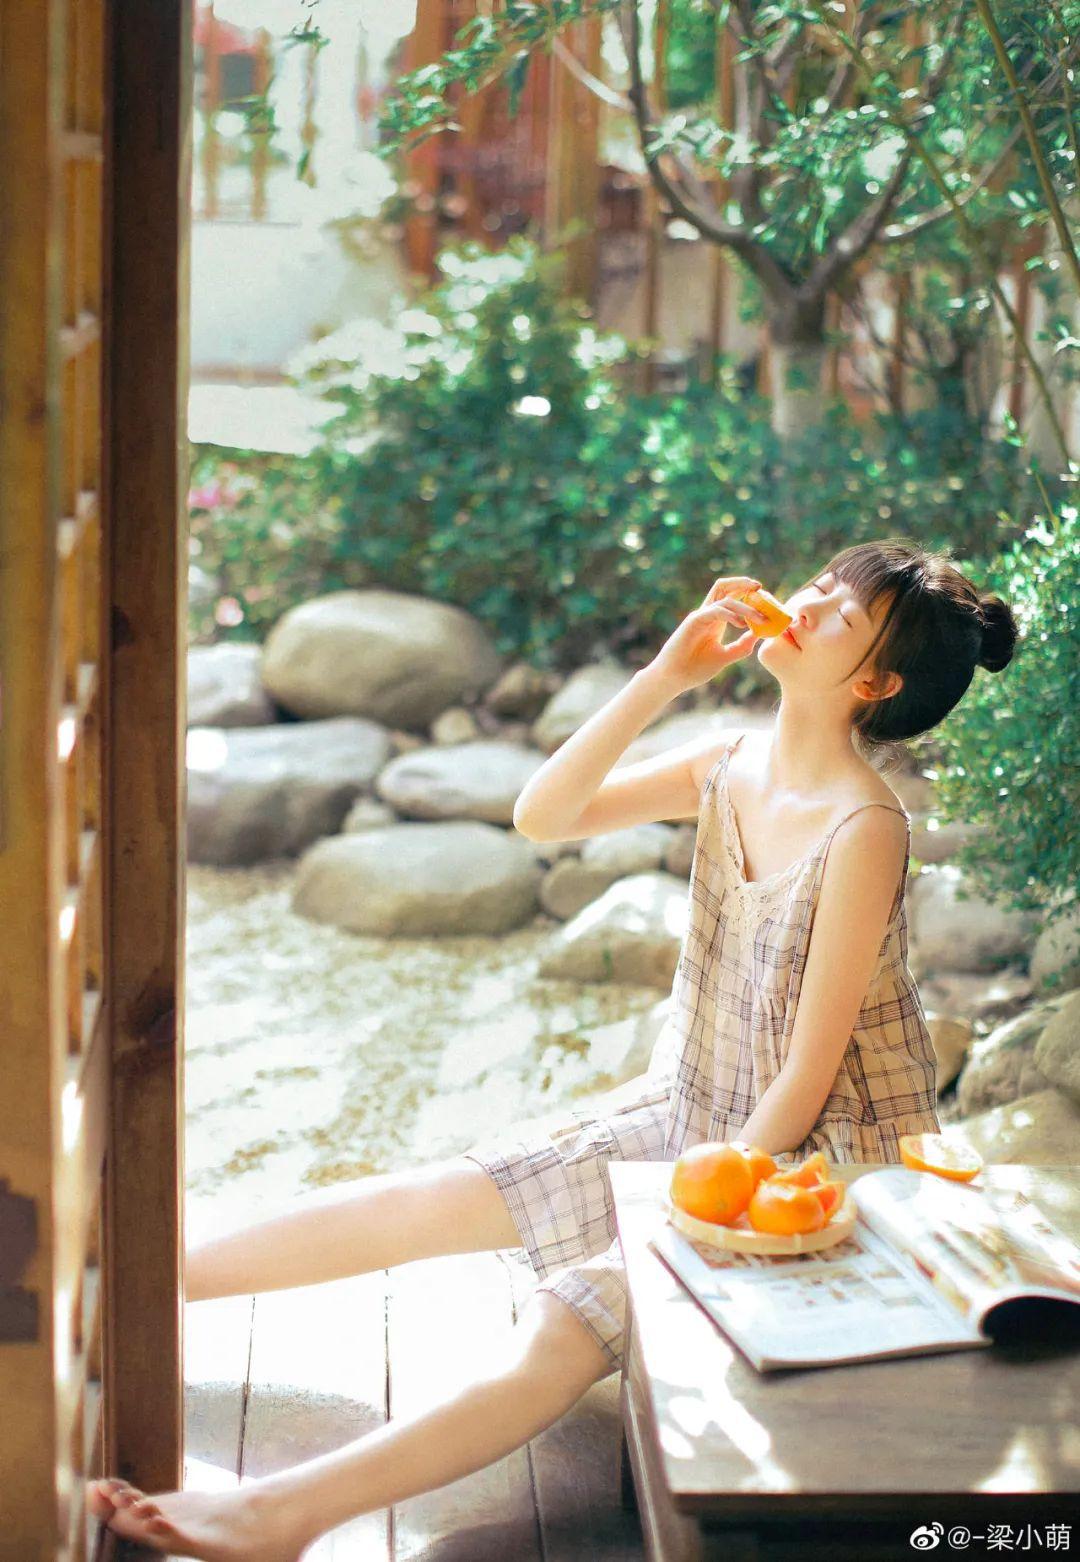 妹子摄影 – 微博美少女@-梁小萌,吃橘子的连衣裙清纯小妹_图片 No.8